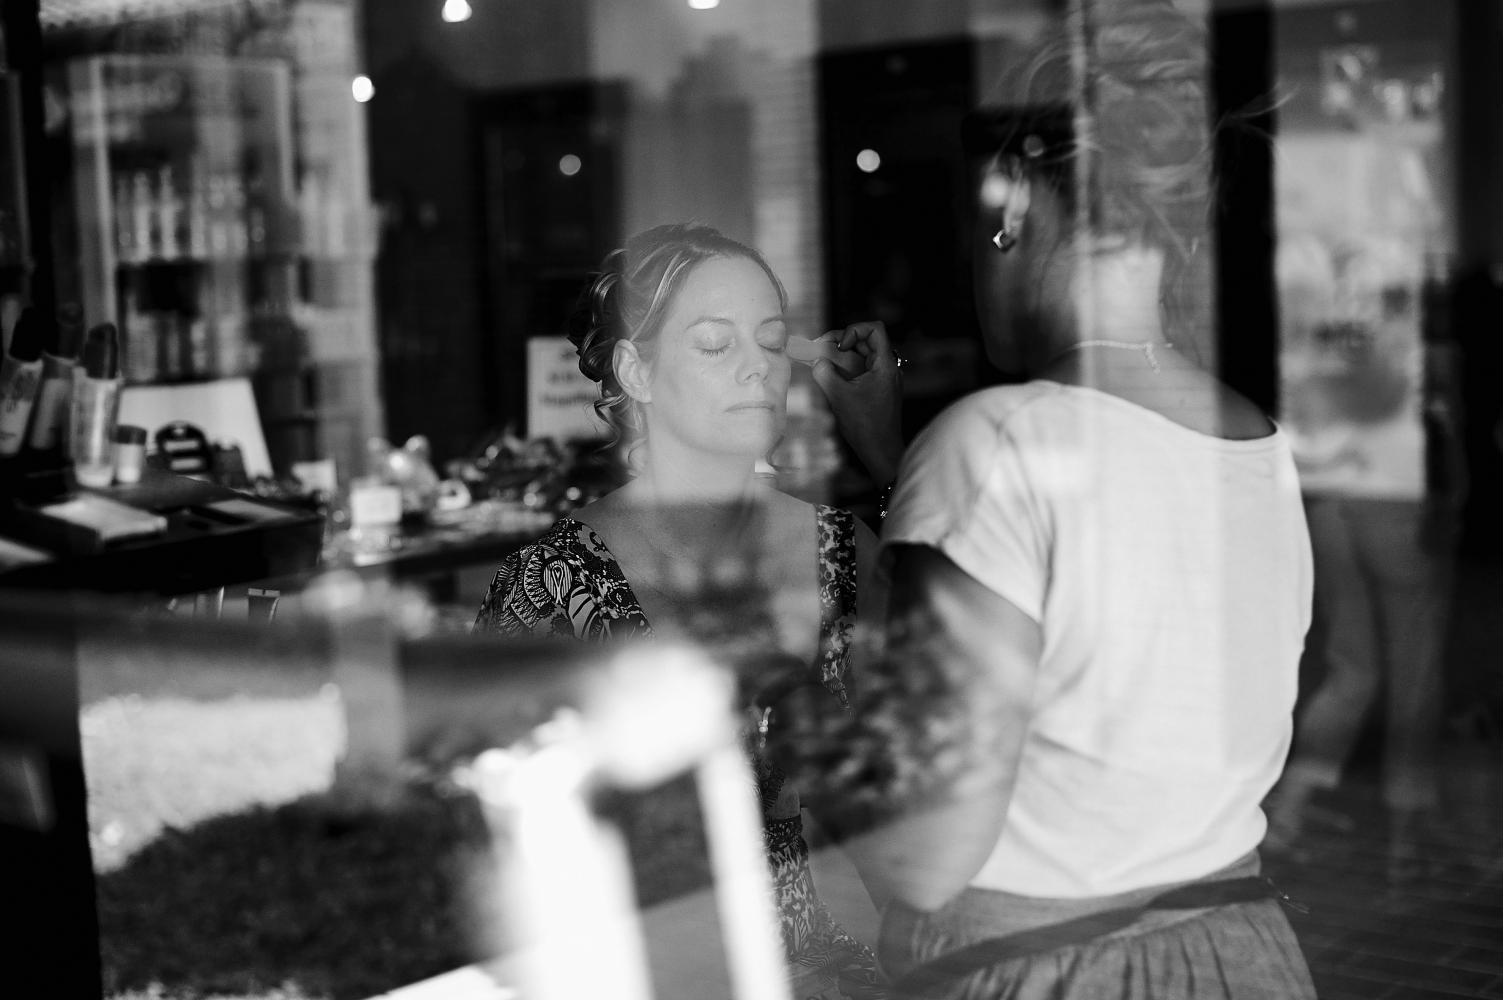 Photo Photographe Photo Mariage Weeding Corporate 31 81 Photographe Toulouse Albi Castres Haute-Garonne Tarn Midi-Pyrénées Portrait enfant book mode fashion art pub rugby entreprise book portrait bébé famille art tirage